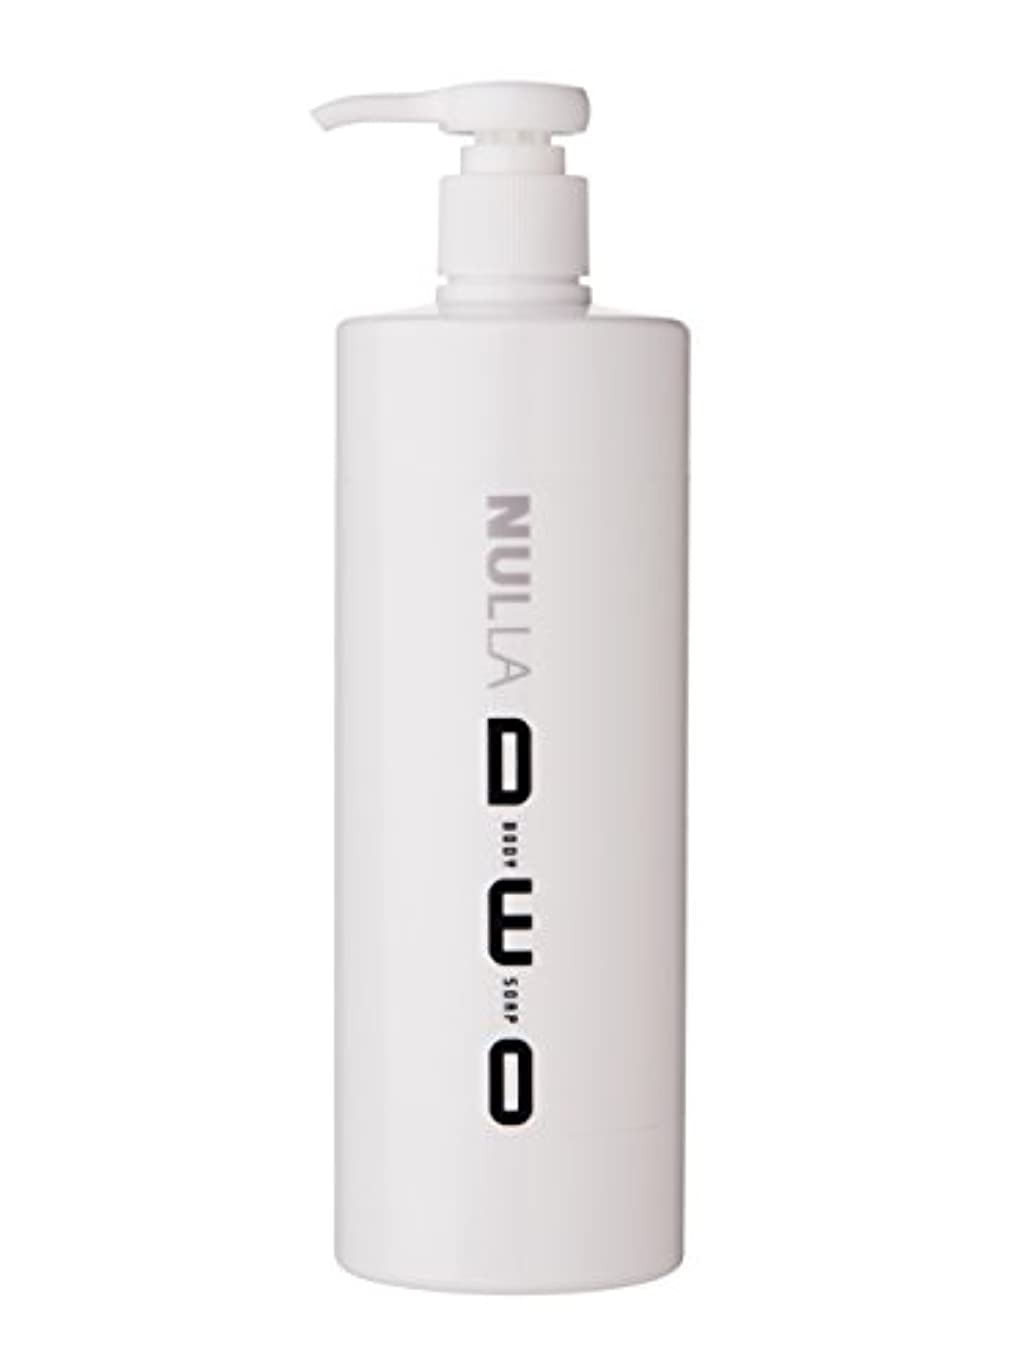 店員熱心な傾向があるNULLA(ヌーラ) ヌーラデオ ボディソープ [ニオイ菌を抑制] 500ml 日本製 加齢臭 体臭 対策 シャボンの香り